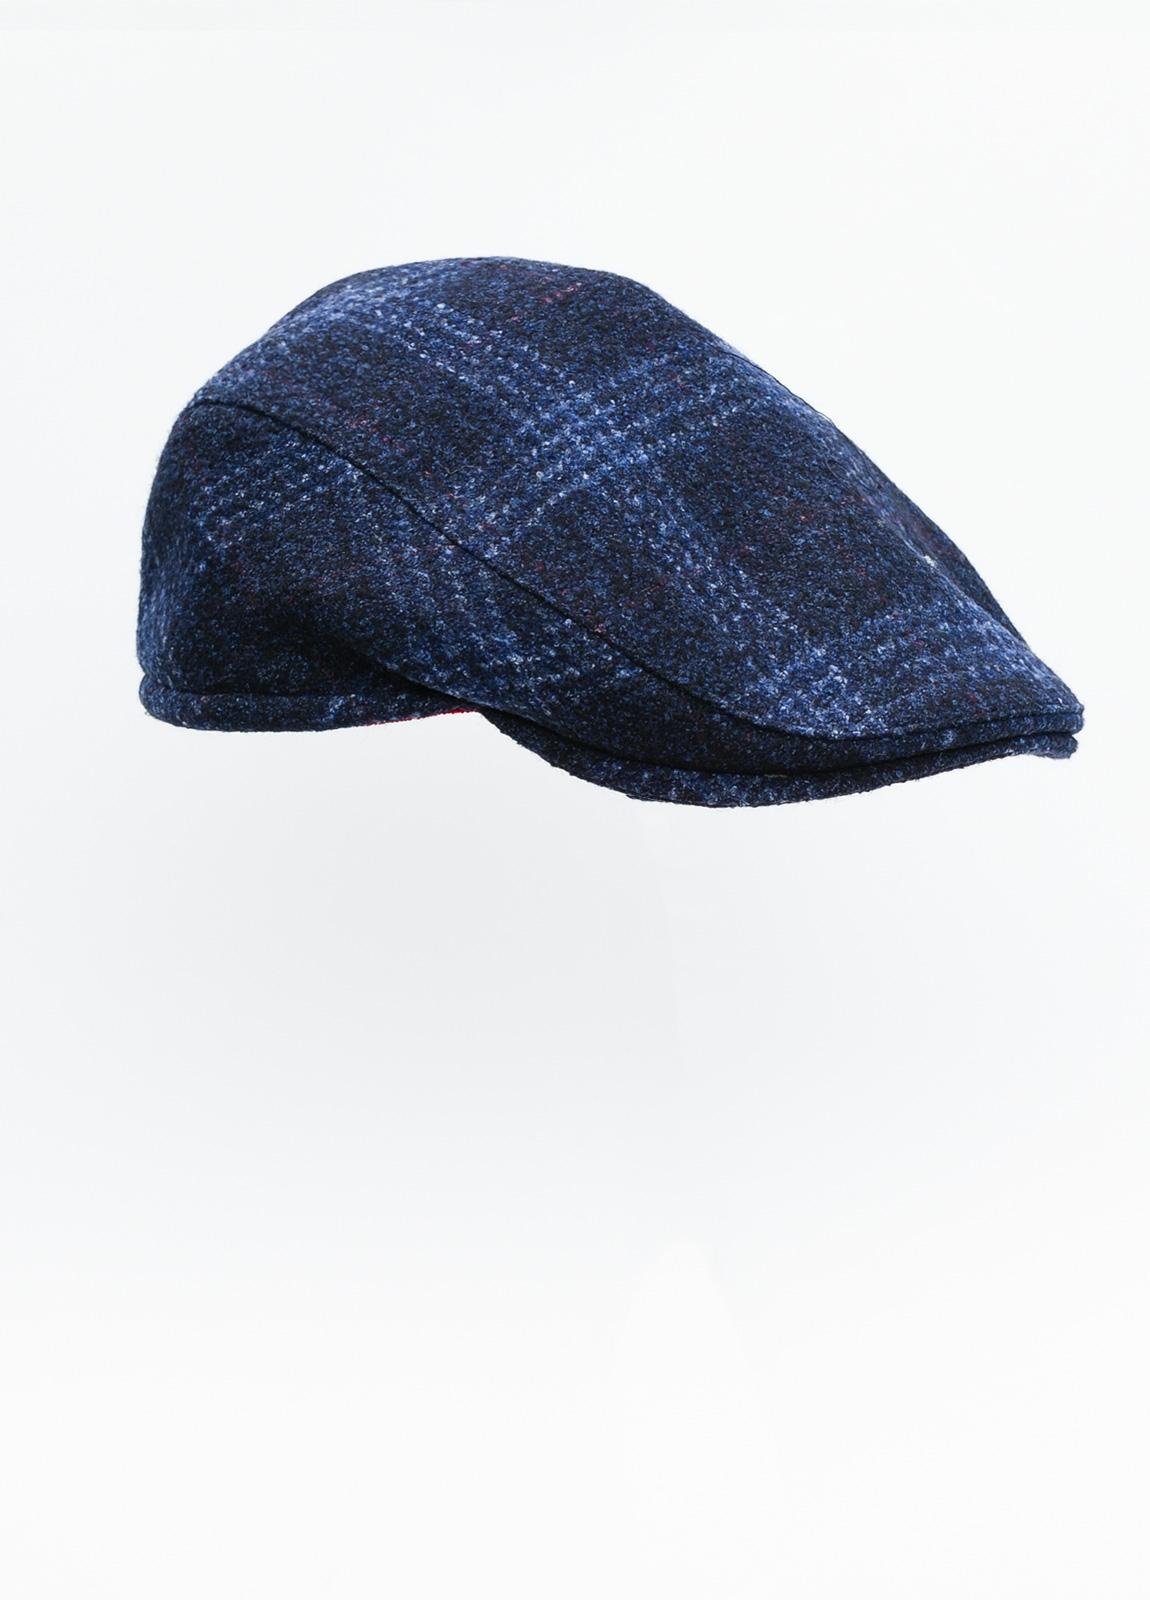 Gorra plana color azul tejido de lana con diseño de cuadros escoceses.